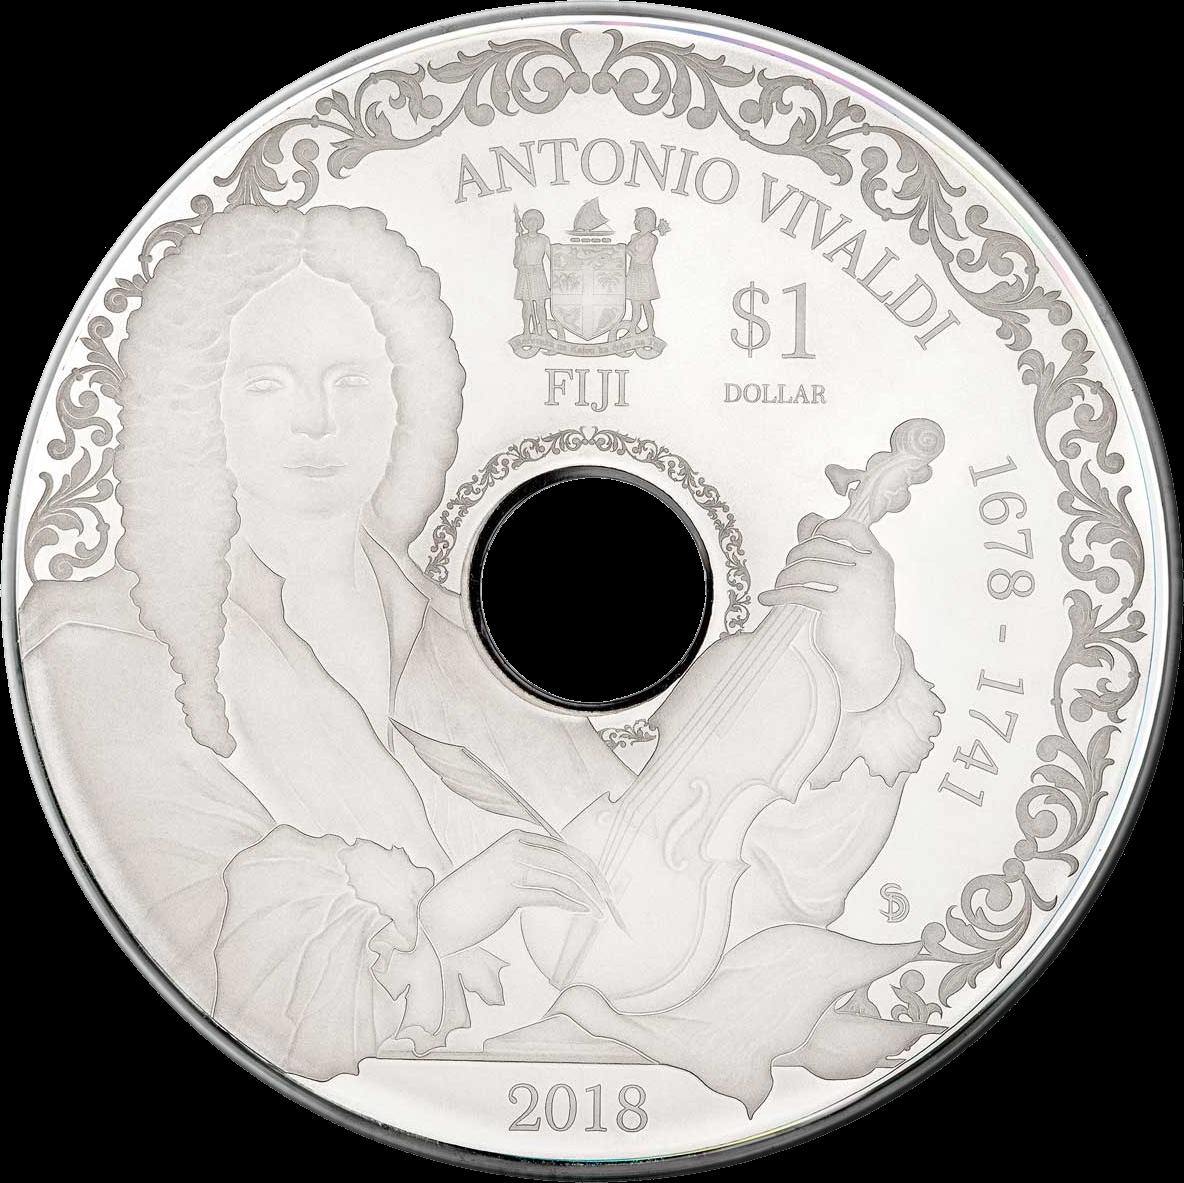 Фиджи монета 1 доллар Антонио Вивальди, аверс